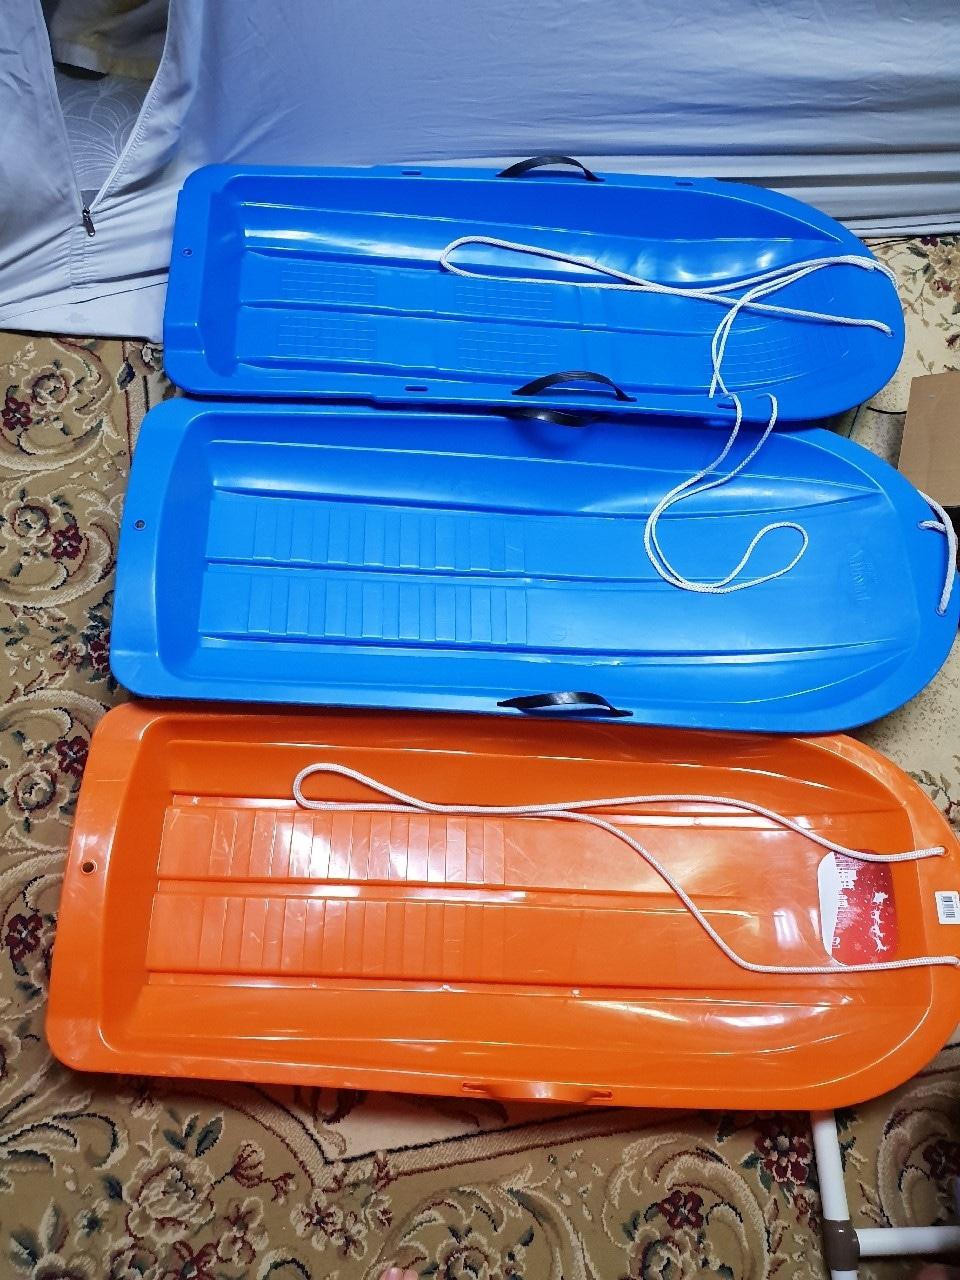 눈썰매 3개)개별구매가능 2인용 어린이 눈썰매 아동썰매 썰매